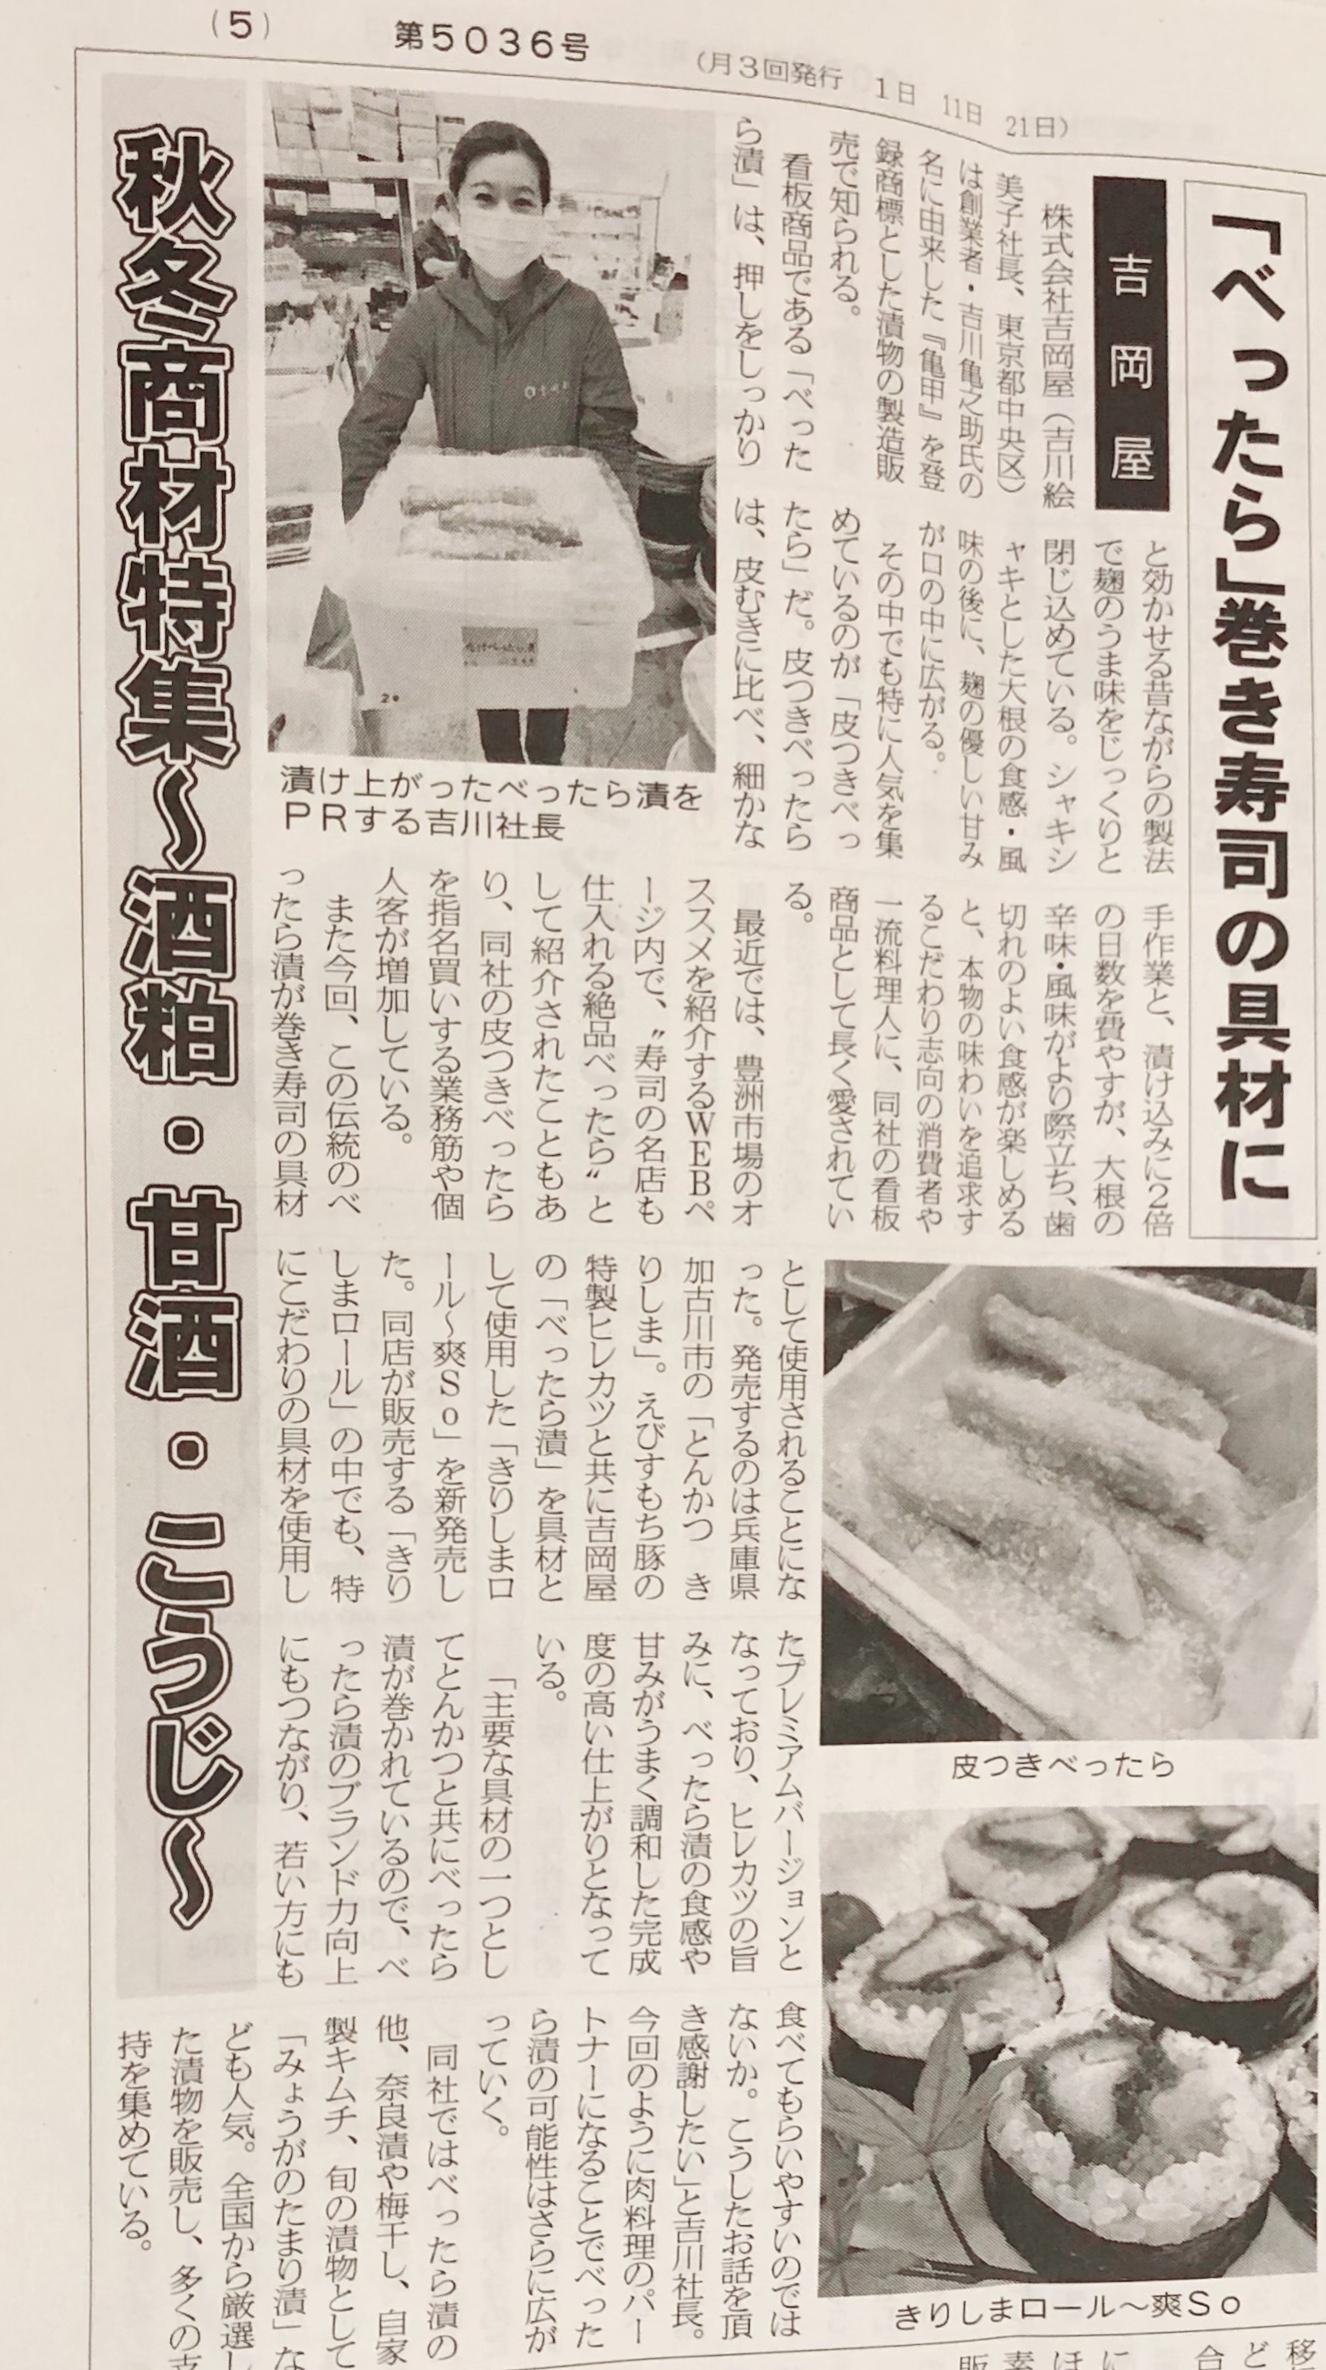 食料新聞様にご紹介いただきました。